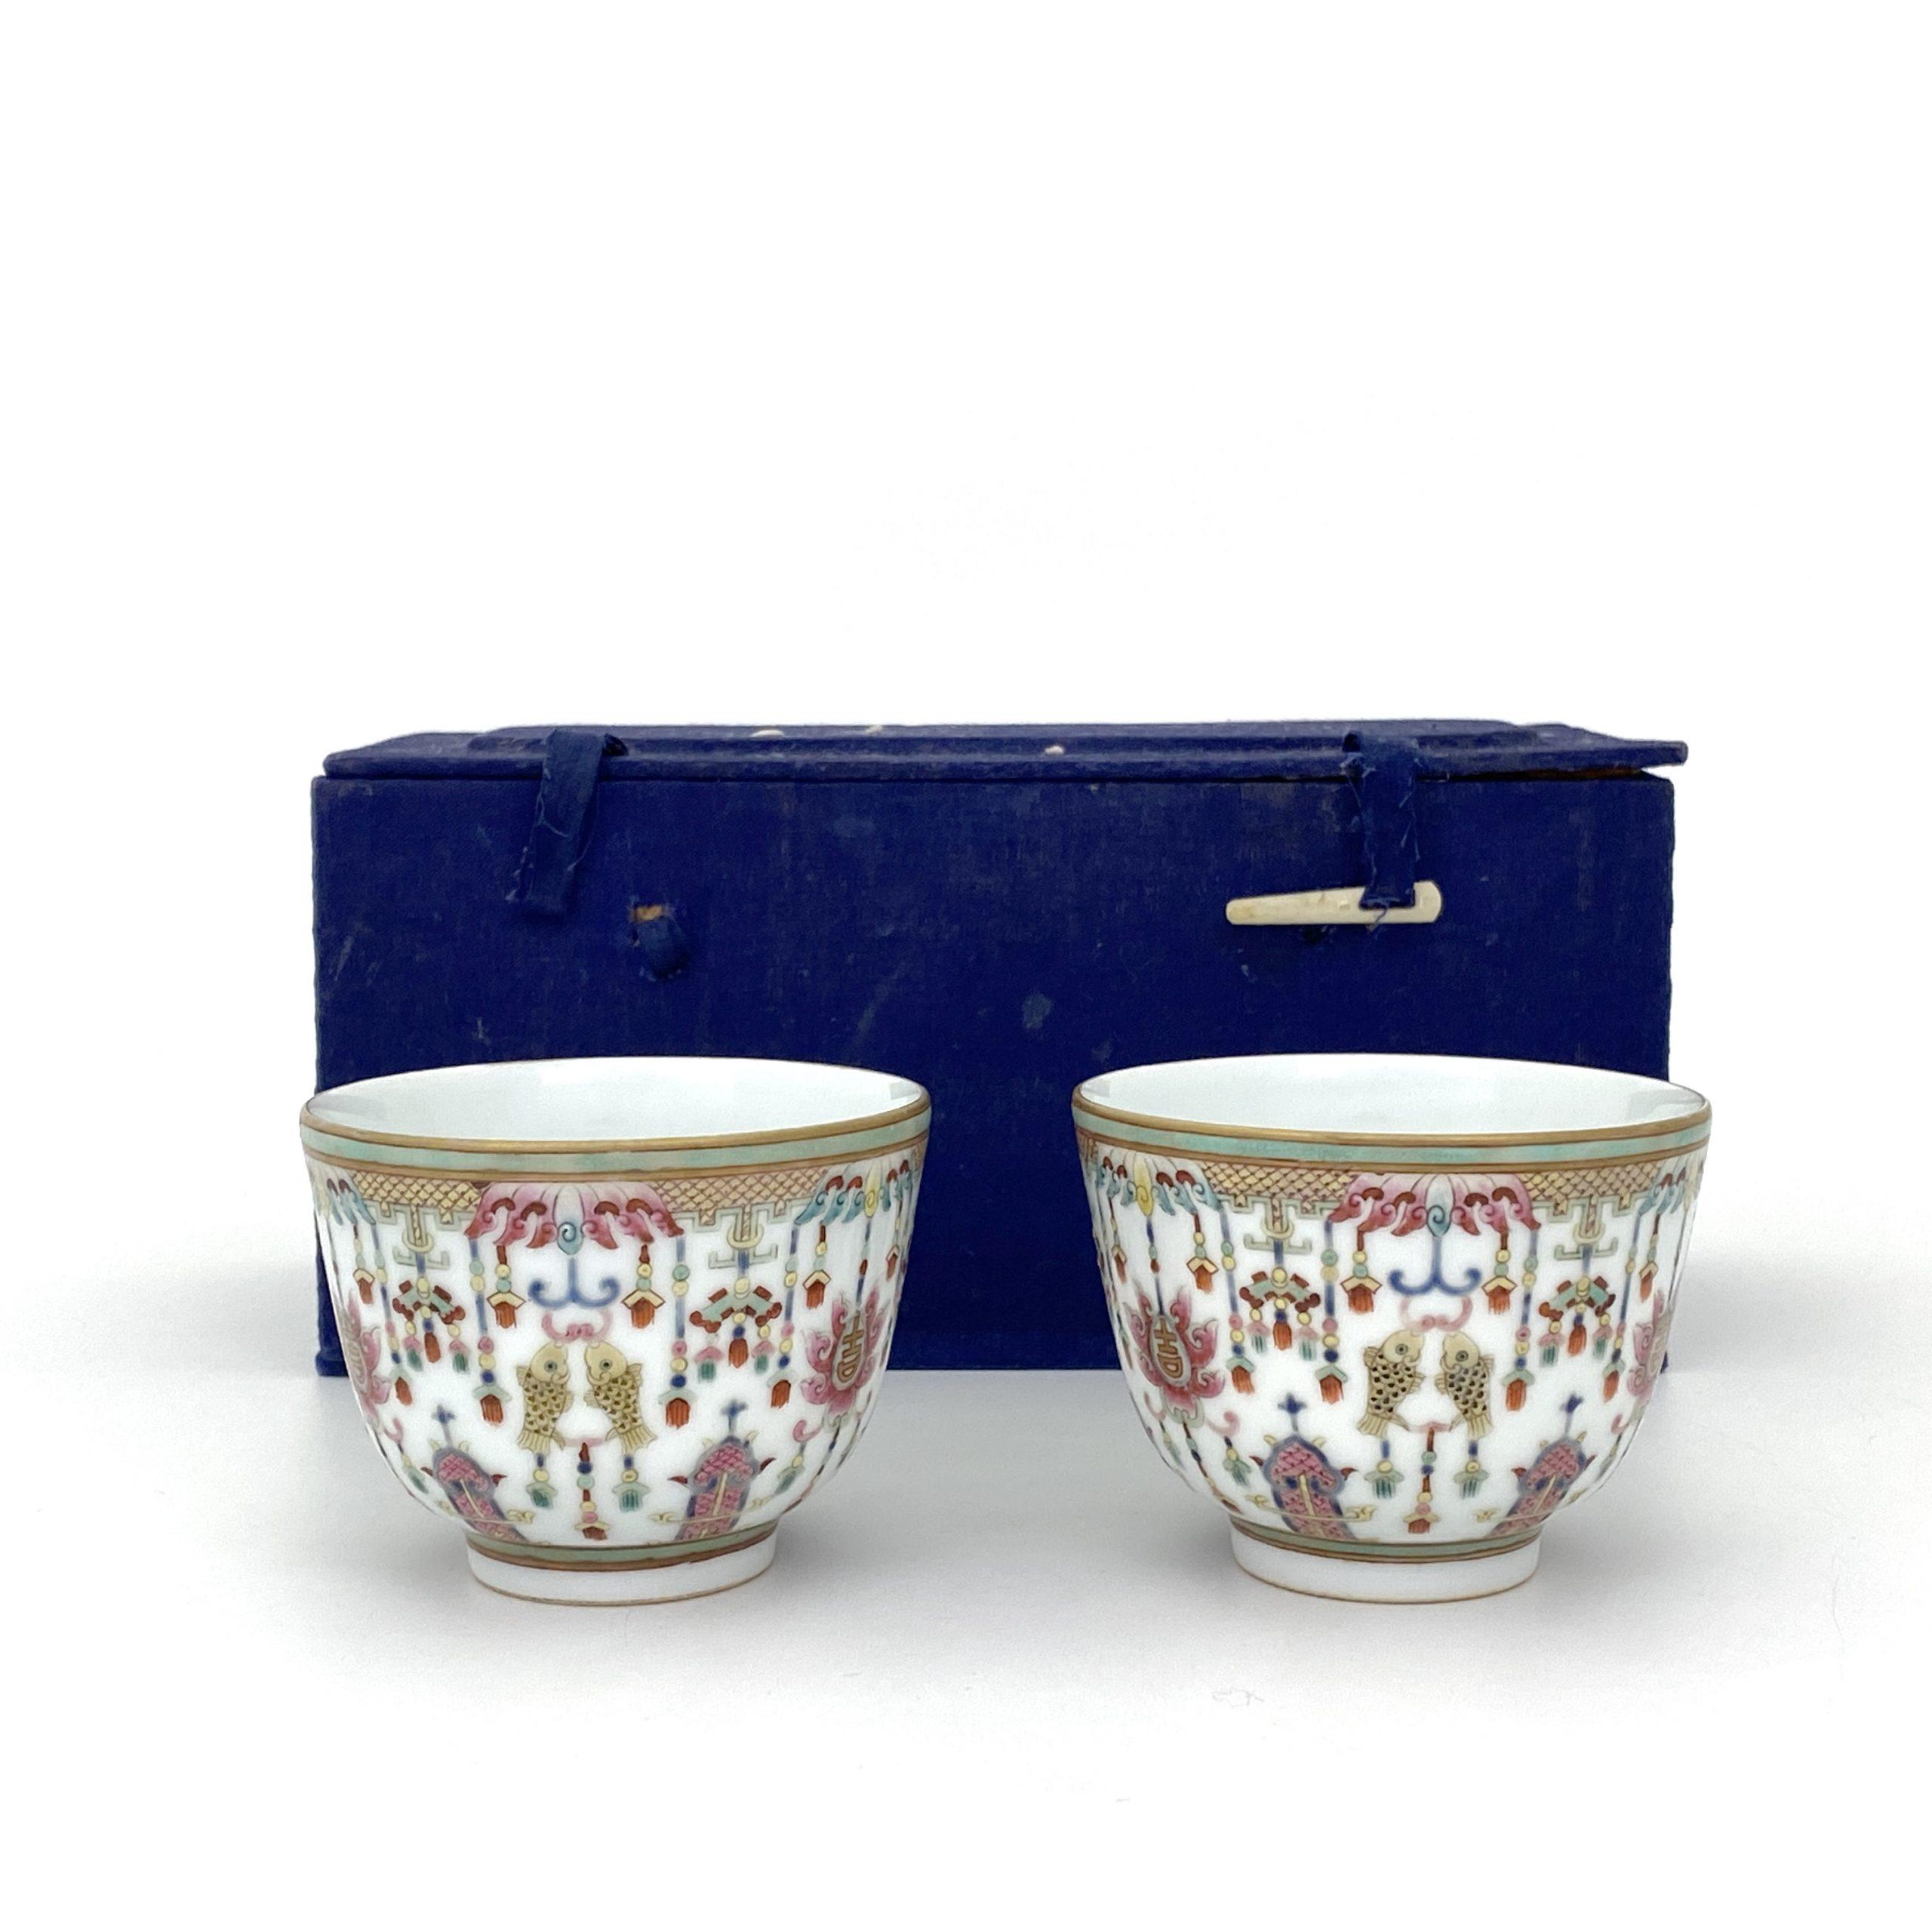 21246「大清道光年製」款 粉彩 吉祥紋 杯 一対